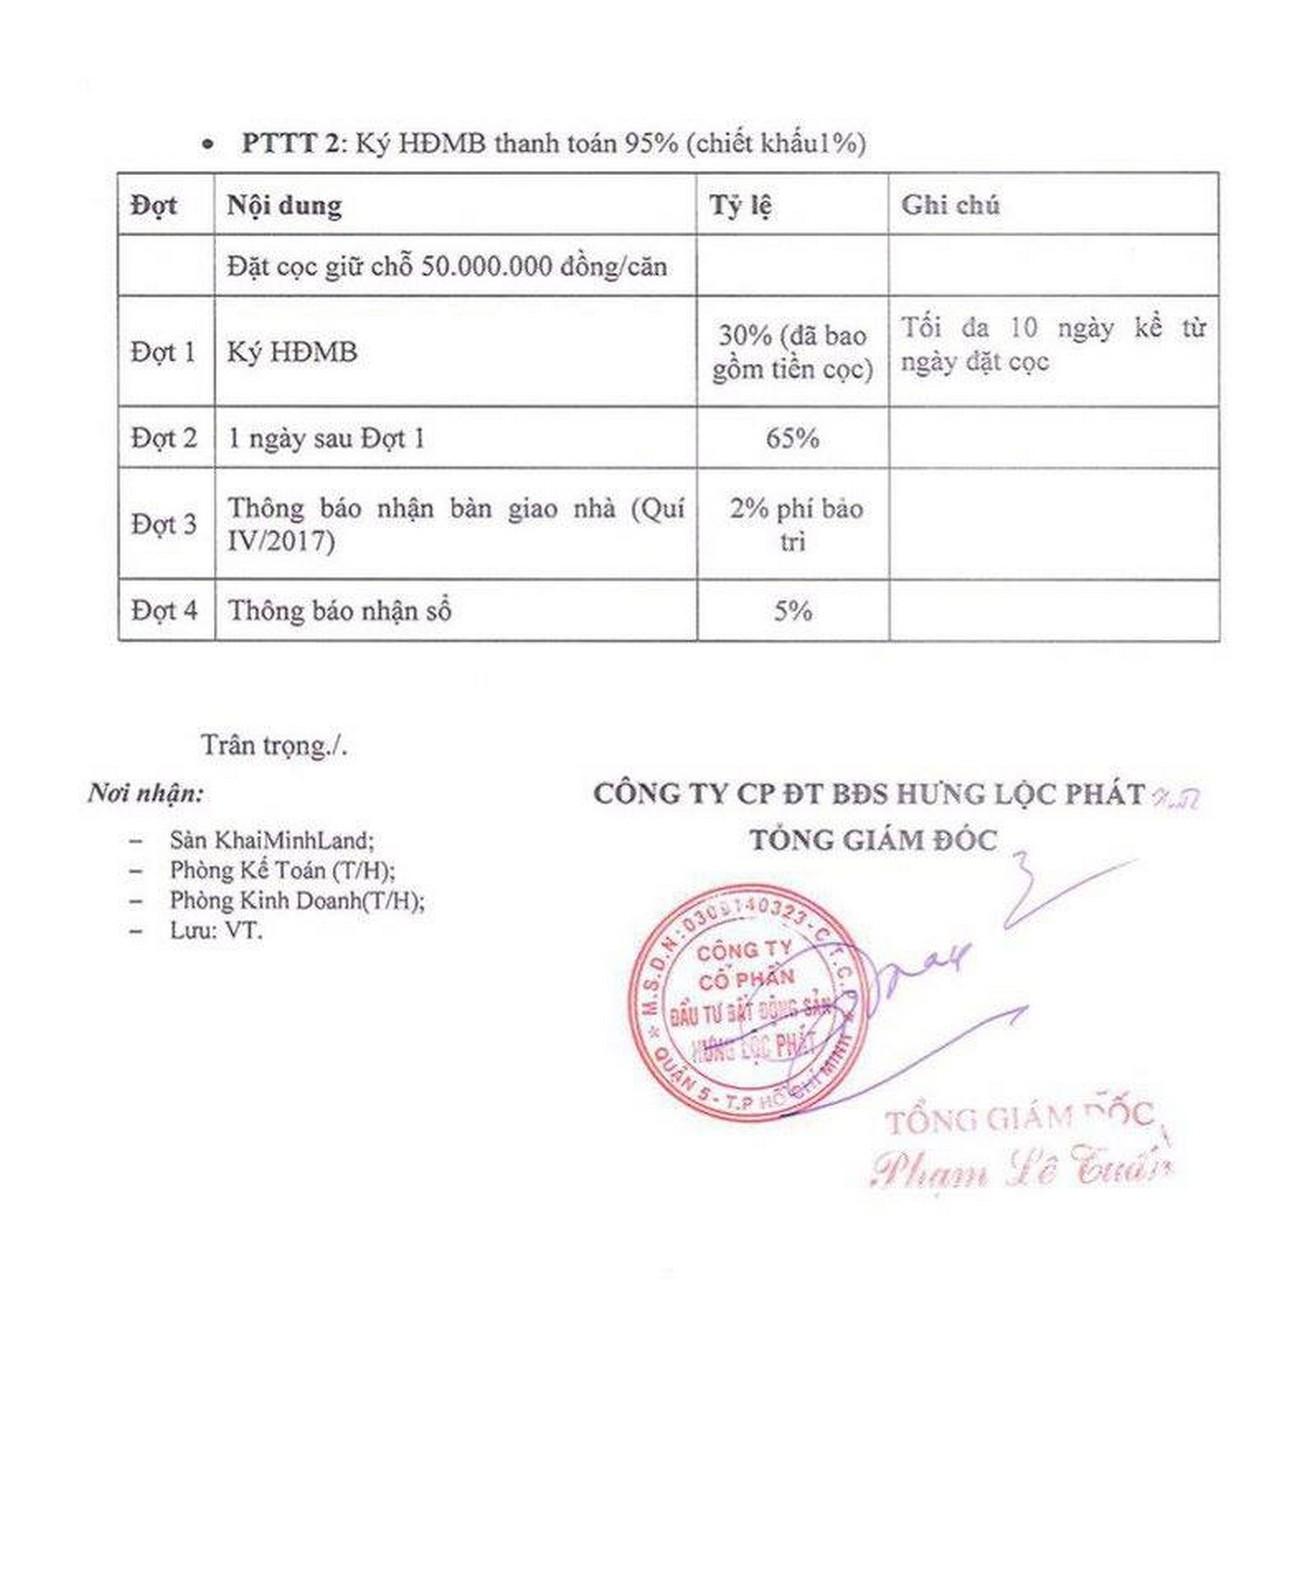 Phương thức thanh toán dự án căn hộ chung cư Hưng Phát Silver Star Nhà Bè Đường Nguyễn Hữu Thọ chủ đầu tư Hưng Lộc Phát